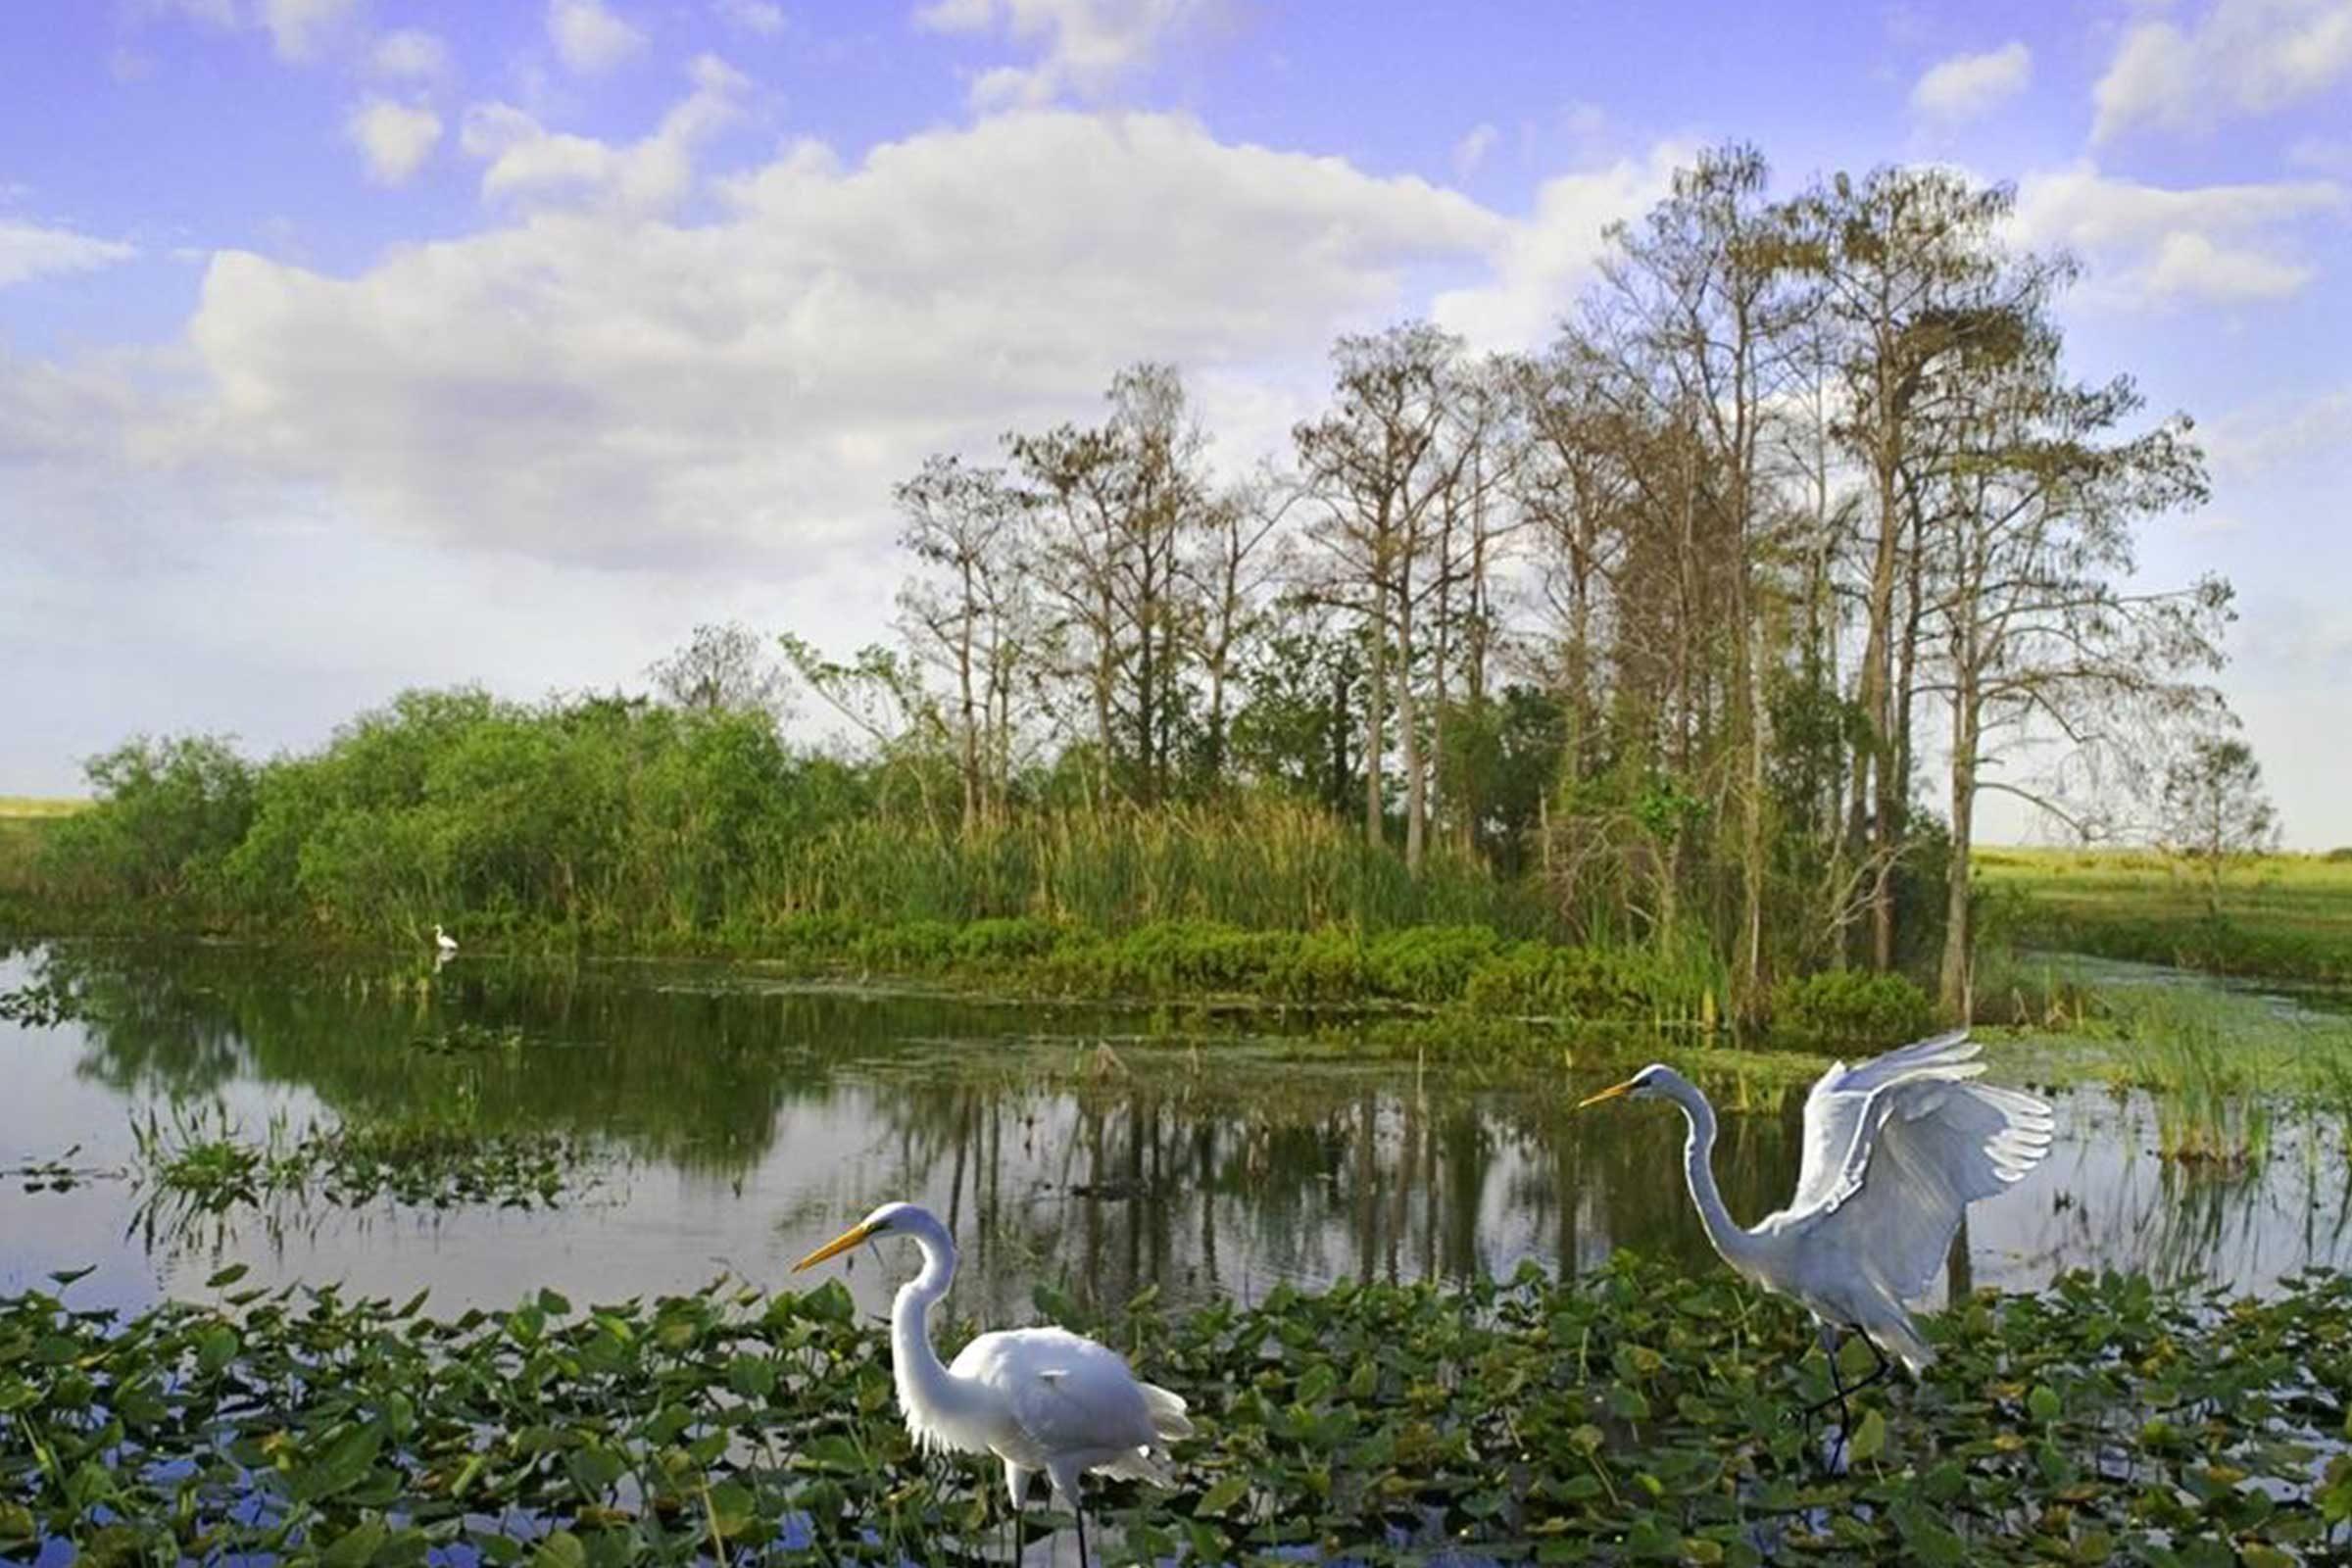 Cranes in swamp